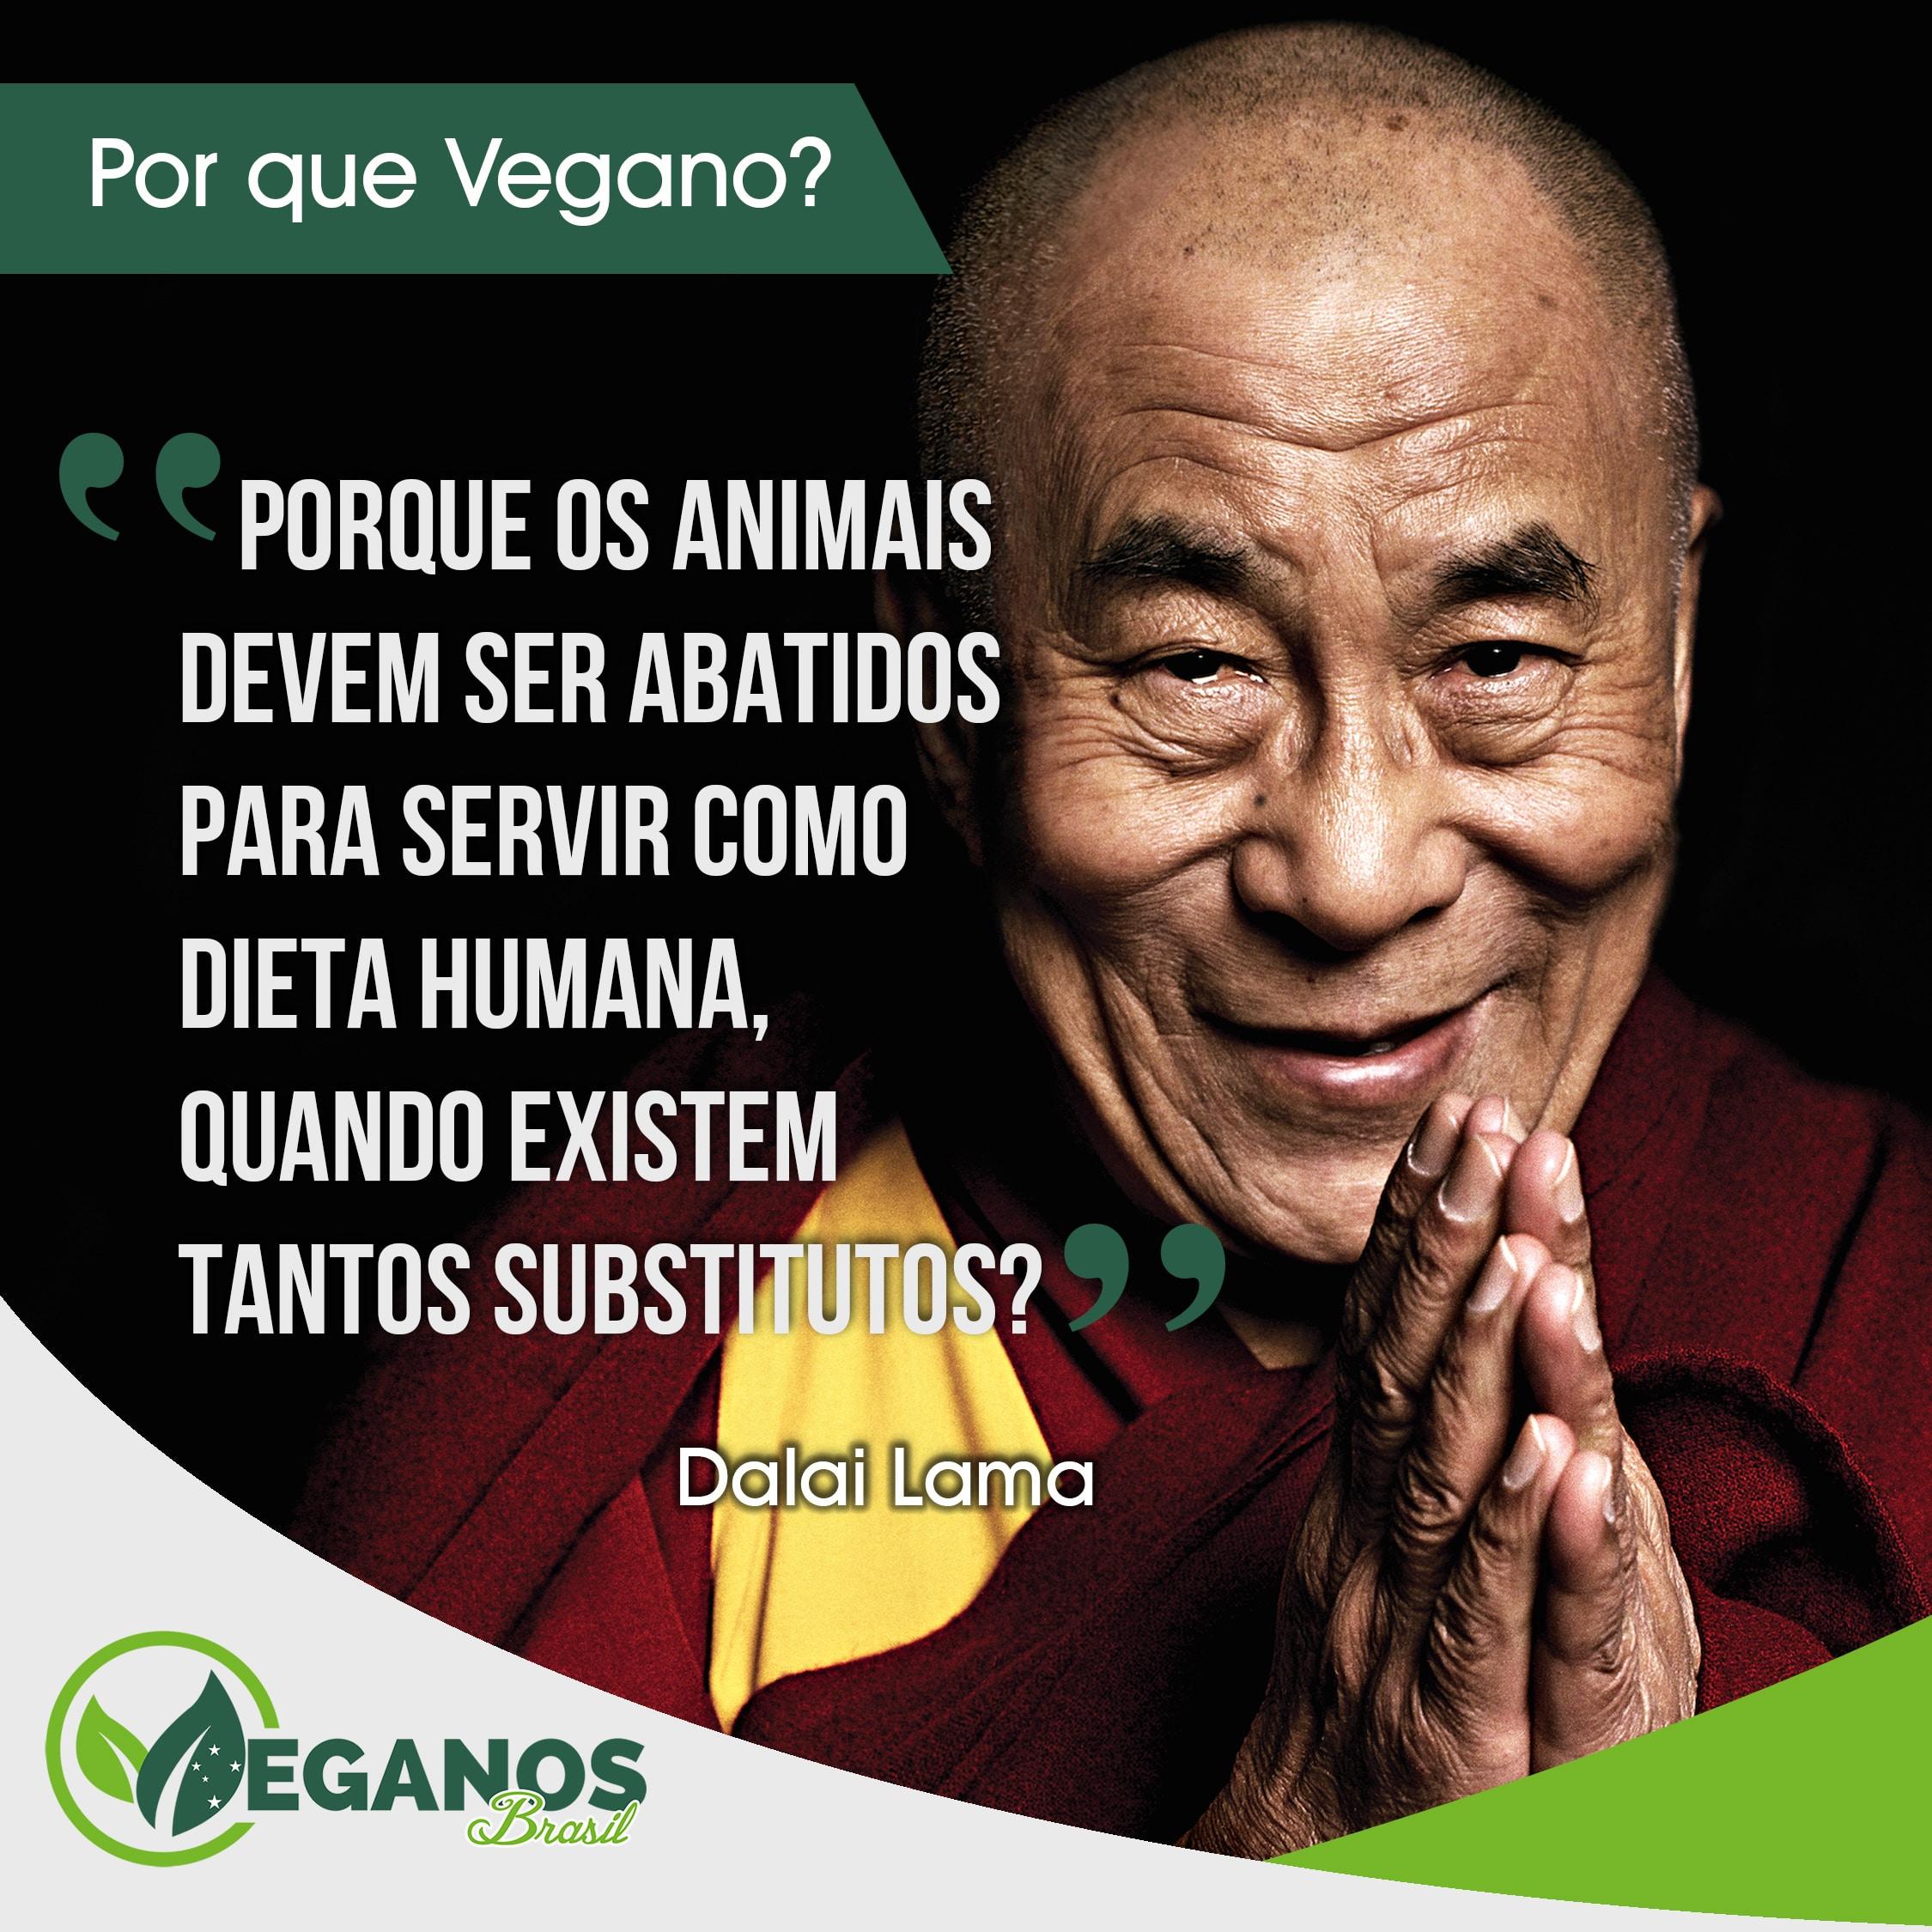 Post_Instagram_porque-DEPOIMENTOS-Dalailama